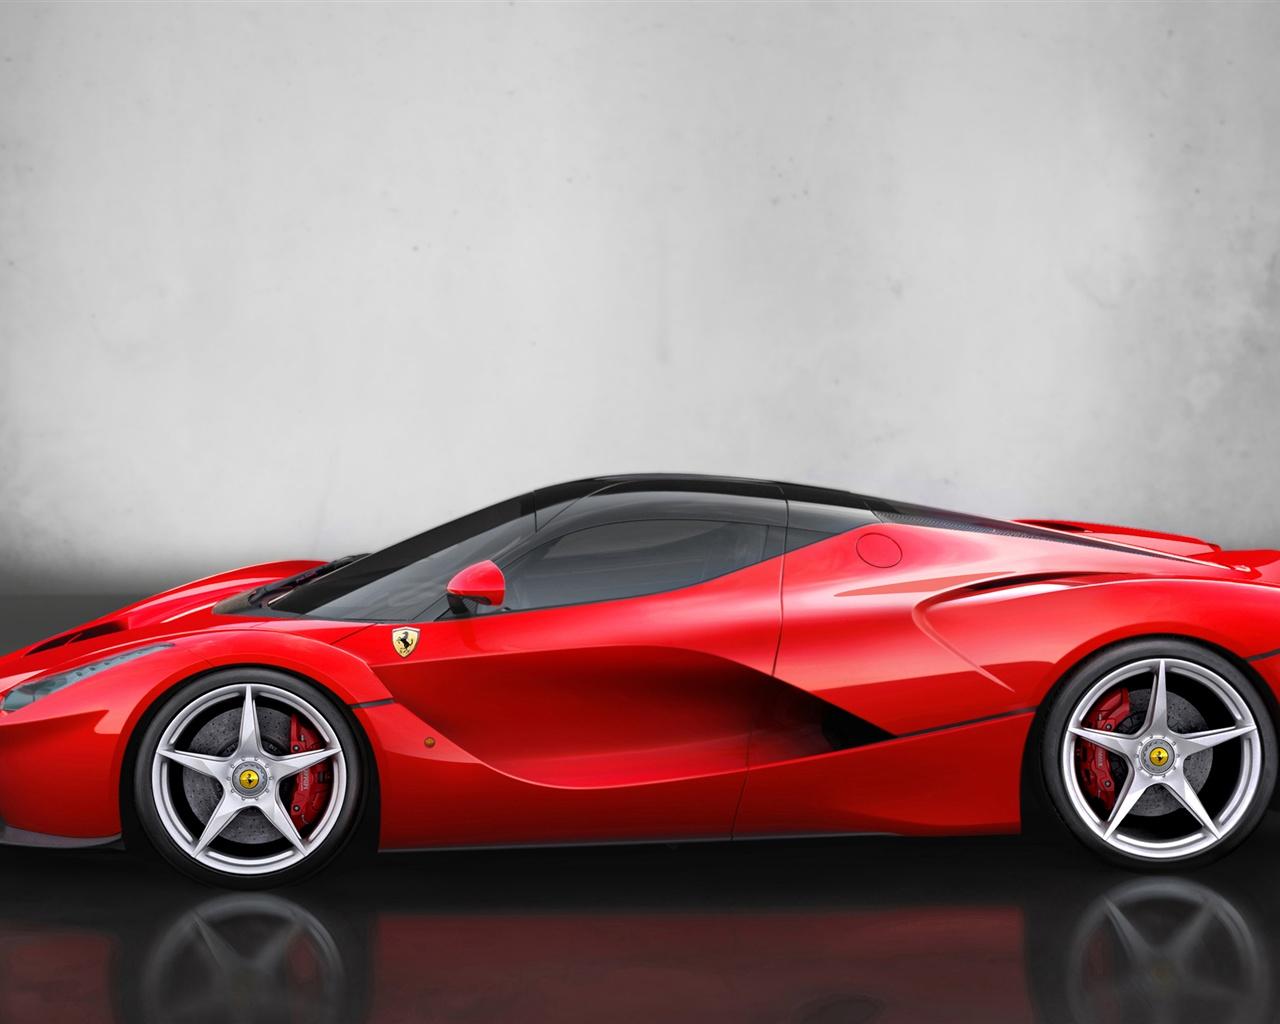 2013 Ferrari supercar LaFerrari Fondos de pantalla | 1280x1024 Fondos ...